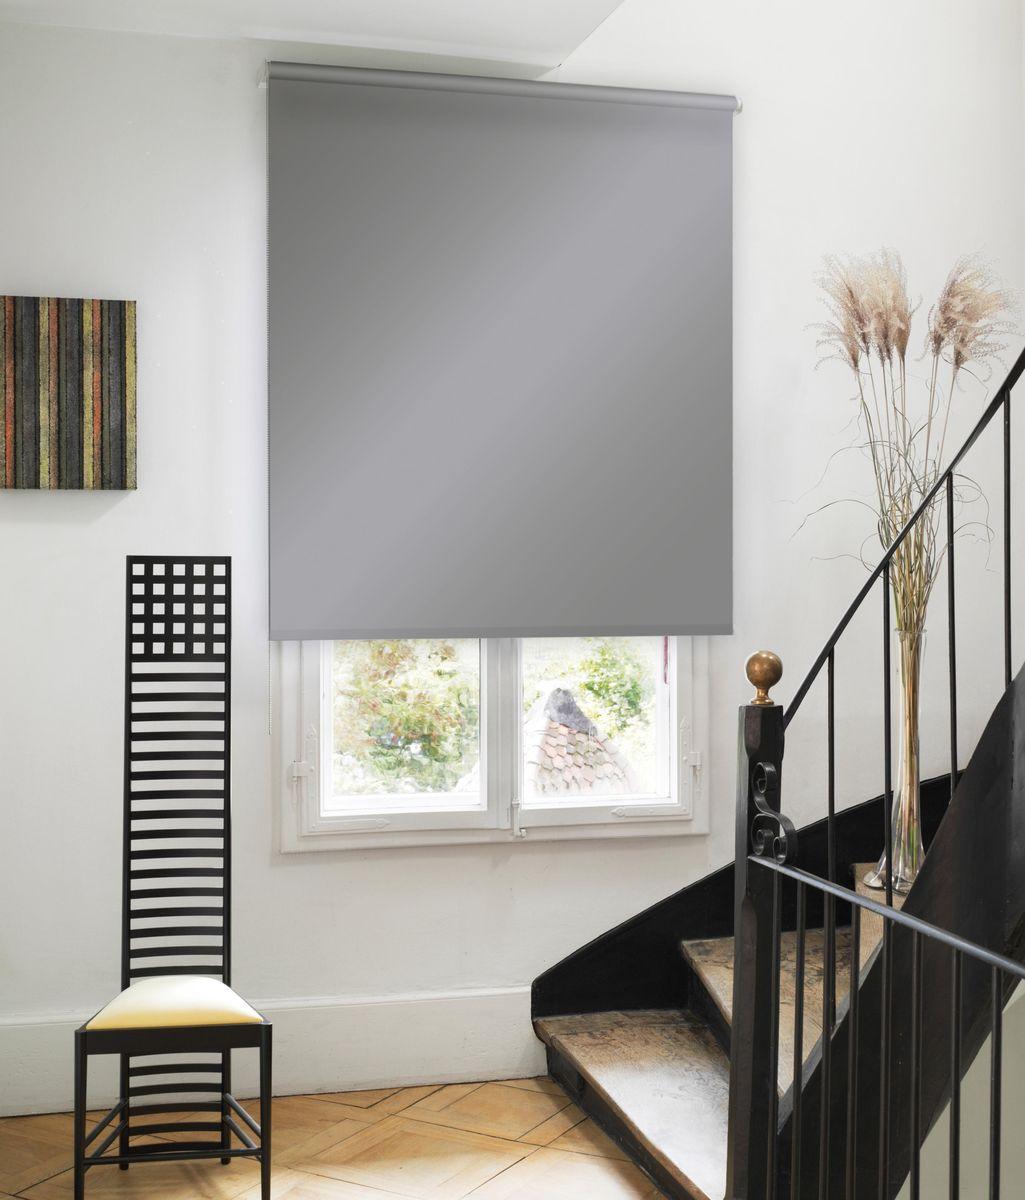 Штора рулонная Эскар, цвет: серый, ширина 172 см, высота 170 см81020172170Рулонными шторами можно оформлять окна как самостоятельно, так и использовать в комбинации с портьерами. Это поможет предотвратить выгорание дорогой ткани на солнце и соединит функционал рулонных с красотой навесных. Преимущества применения рулонных штор для пластиковых окон: - имеют прекрасный внешний вид: многообразие и фактурность материала изделия отлично смотрятся в любом интерьере; - многофункциональны: есть возможность подобрать шторы способные эффективно защитить комнату от солнца, при этом она не будет слишком темной. - Есть возможность осуществить быстрый монтаж. ВНИМАНИЕ! Размеры ширины изделия указаны по ширине ткани! Во время эксплуатации не рекомендуется полностью разматывать рулон, чтобы не оторвать ткань от намоточного вала. В случае загрязнения поверхности ткани, чистку шторы проводят одним из способов, в зависимости от типа загрязнения: легкое поверхностное загрязнение можно удалить при помощи канцелярского ластика; чистка от пыли производится сухим методом при...